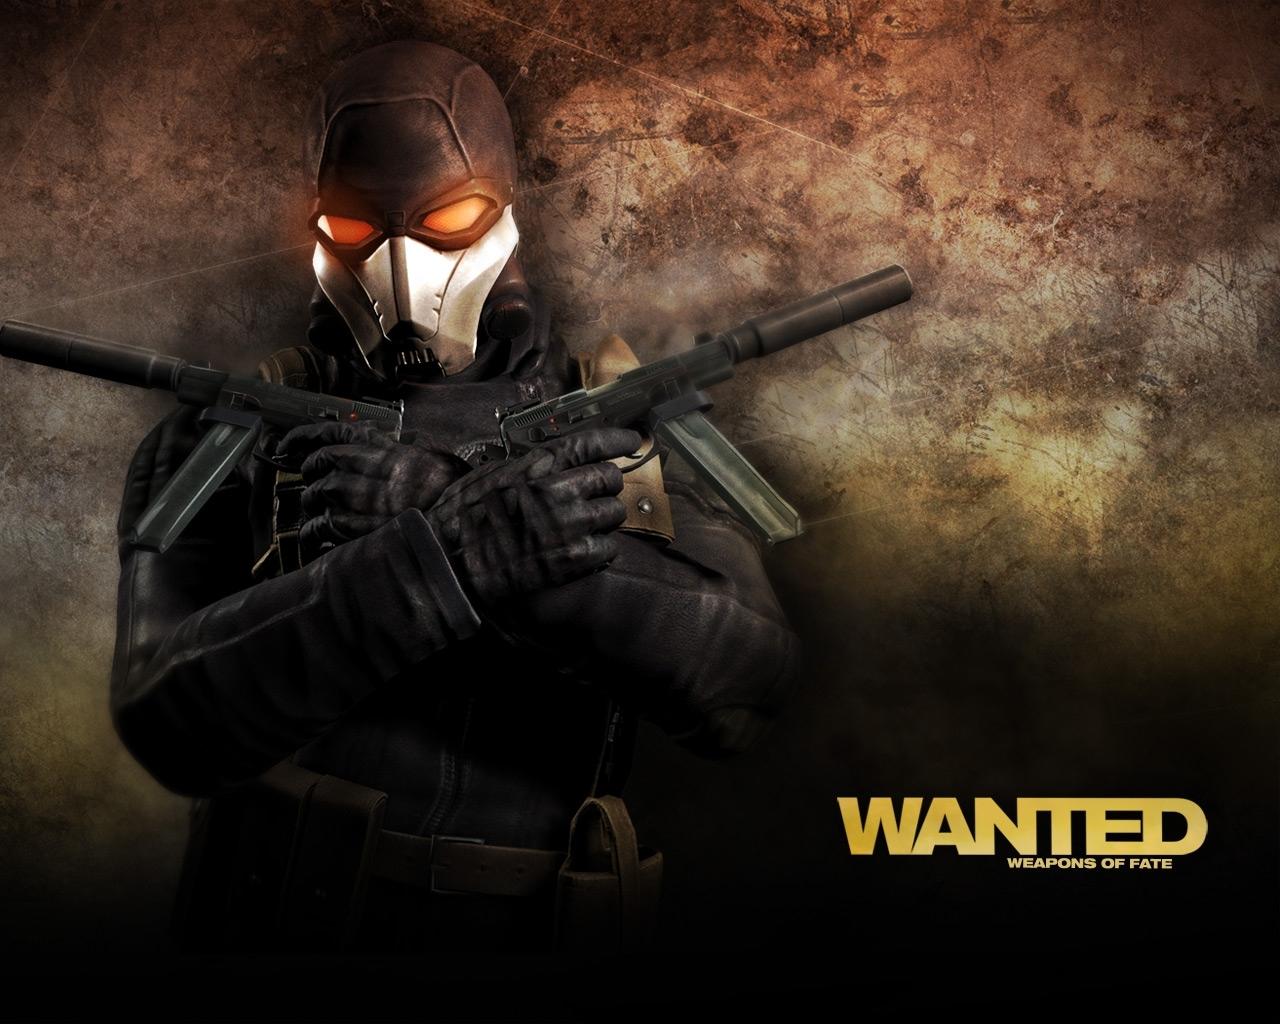 2056 завантажити шпалери Ігри, Wanted: Weapons Of Fate - заставки і картинки безкоштовно